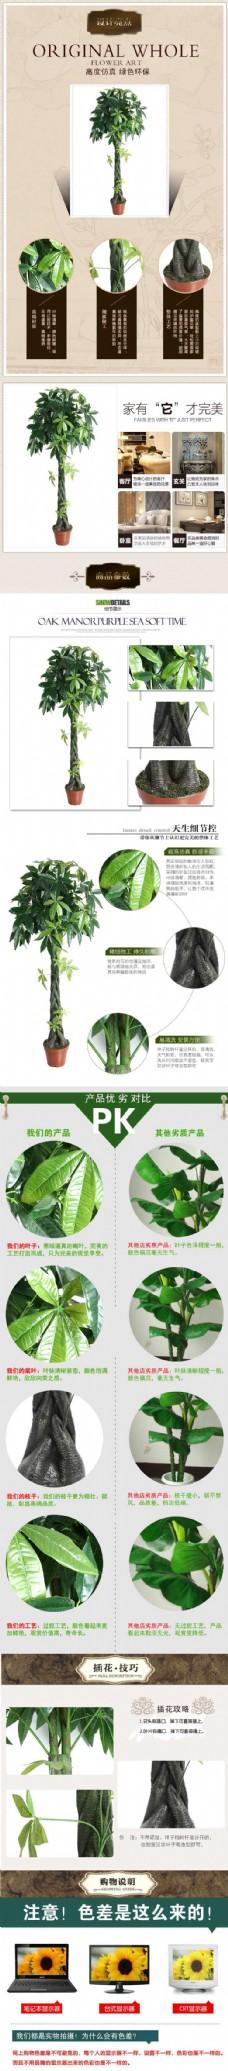 仿真植物详情